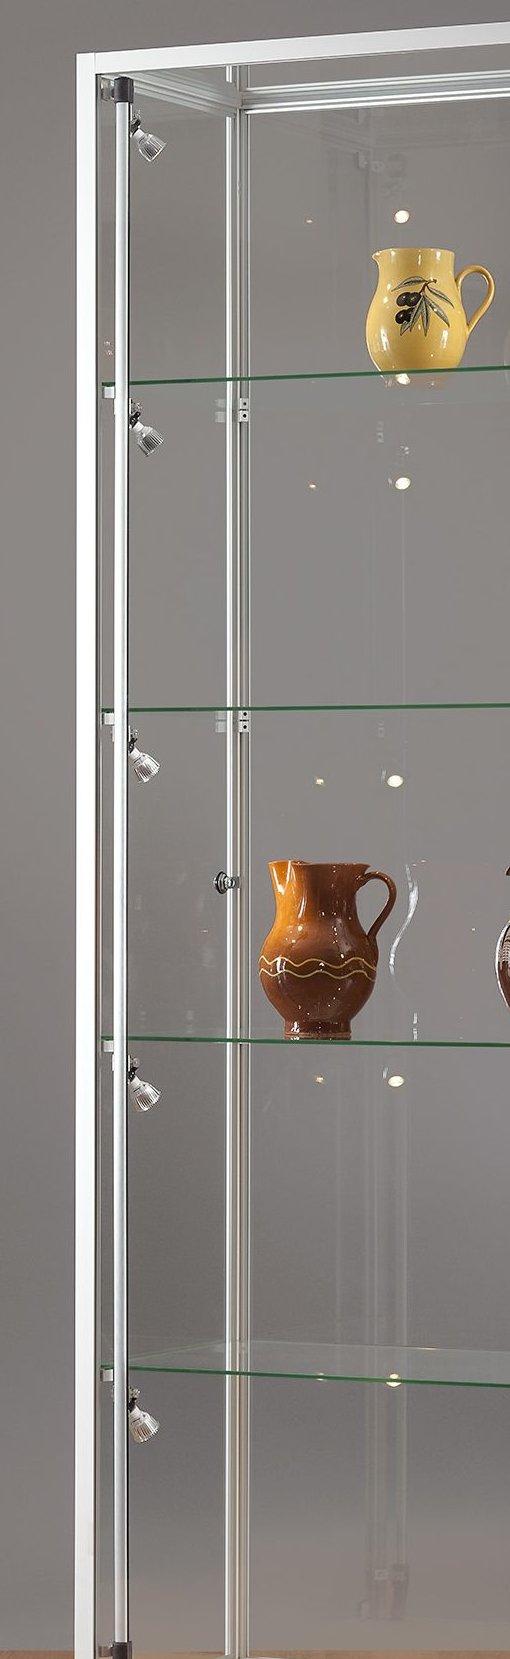 detailabb vitrinen mit halogen beleuchtung und vitrine mit led beleuchtung. Black Bedroom Furniture Sets. Home Design Ideas